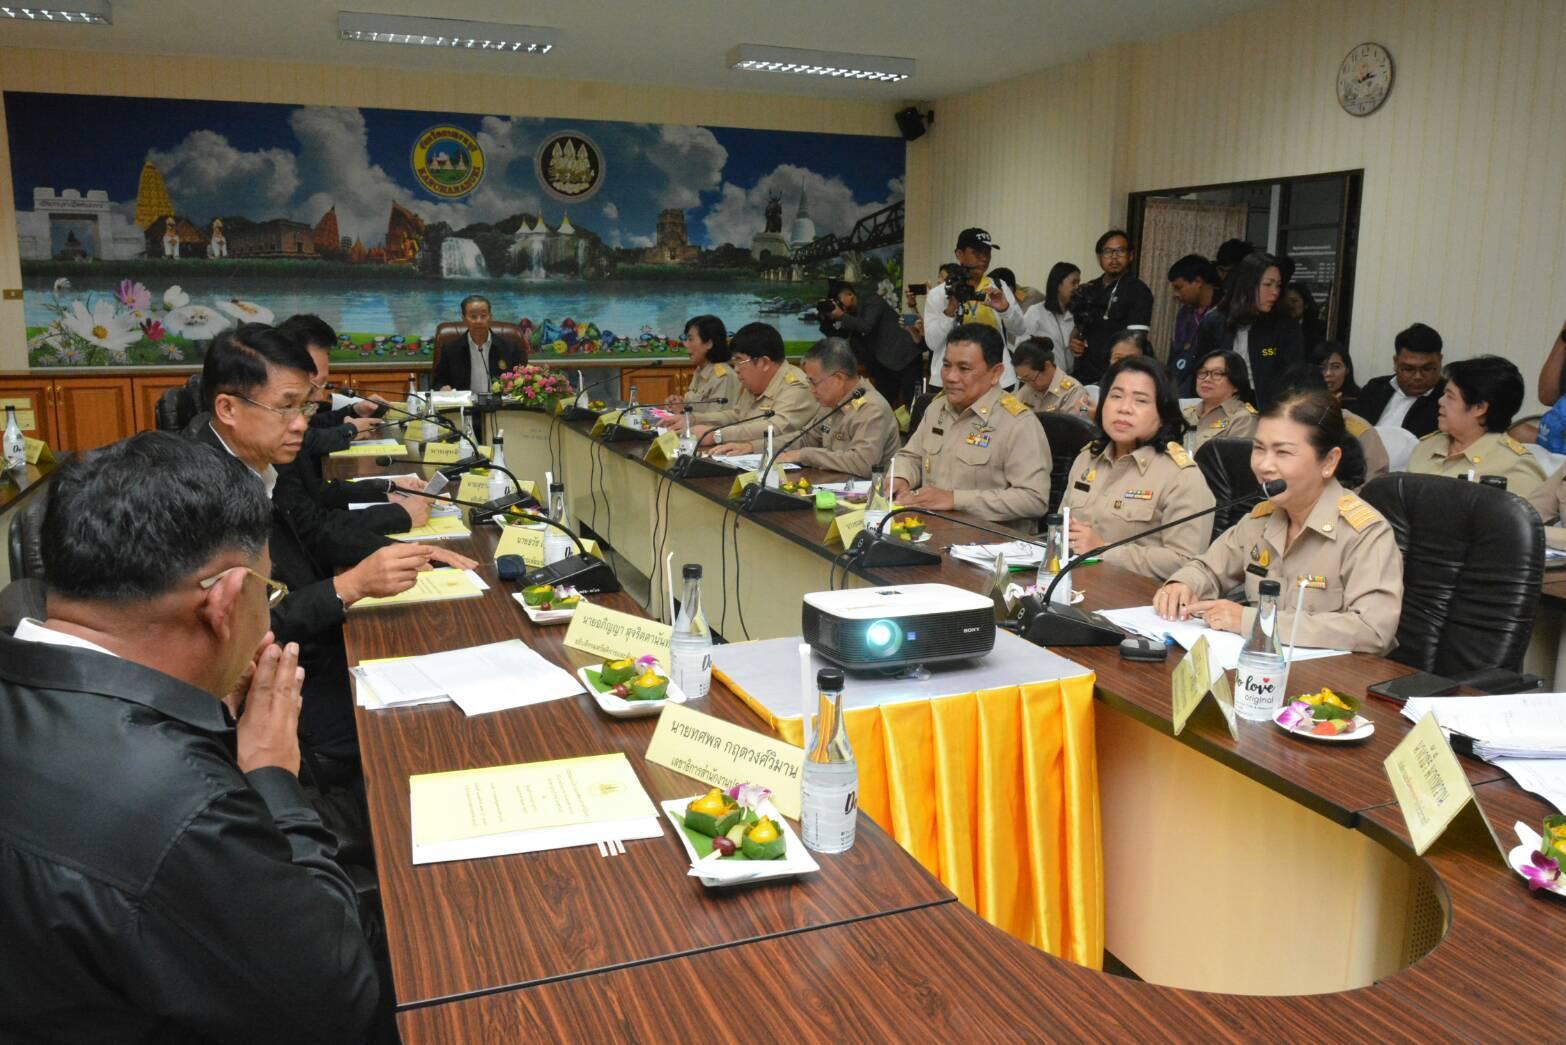 รมว.แรงงาน ลงตรวจเยี่ยมสำนักงานจัดหางานจังหวัดกาญจนบุรี พร้อมมอบนโยบายและทิศทางฯ